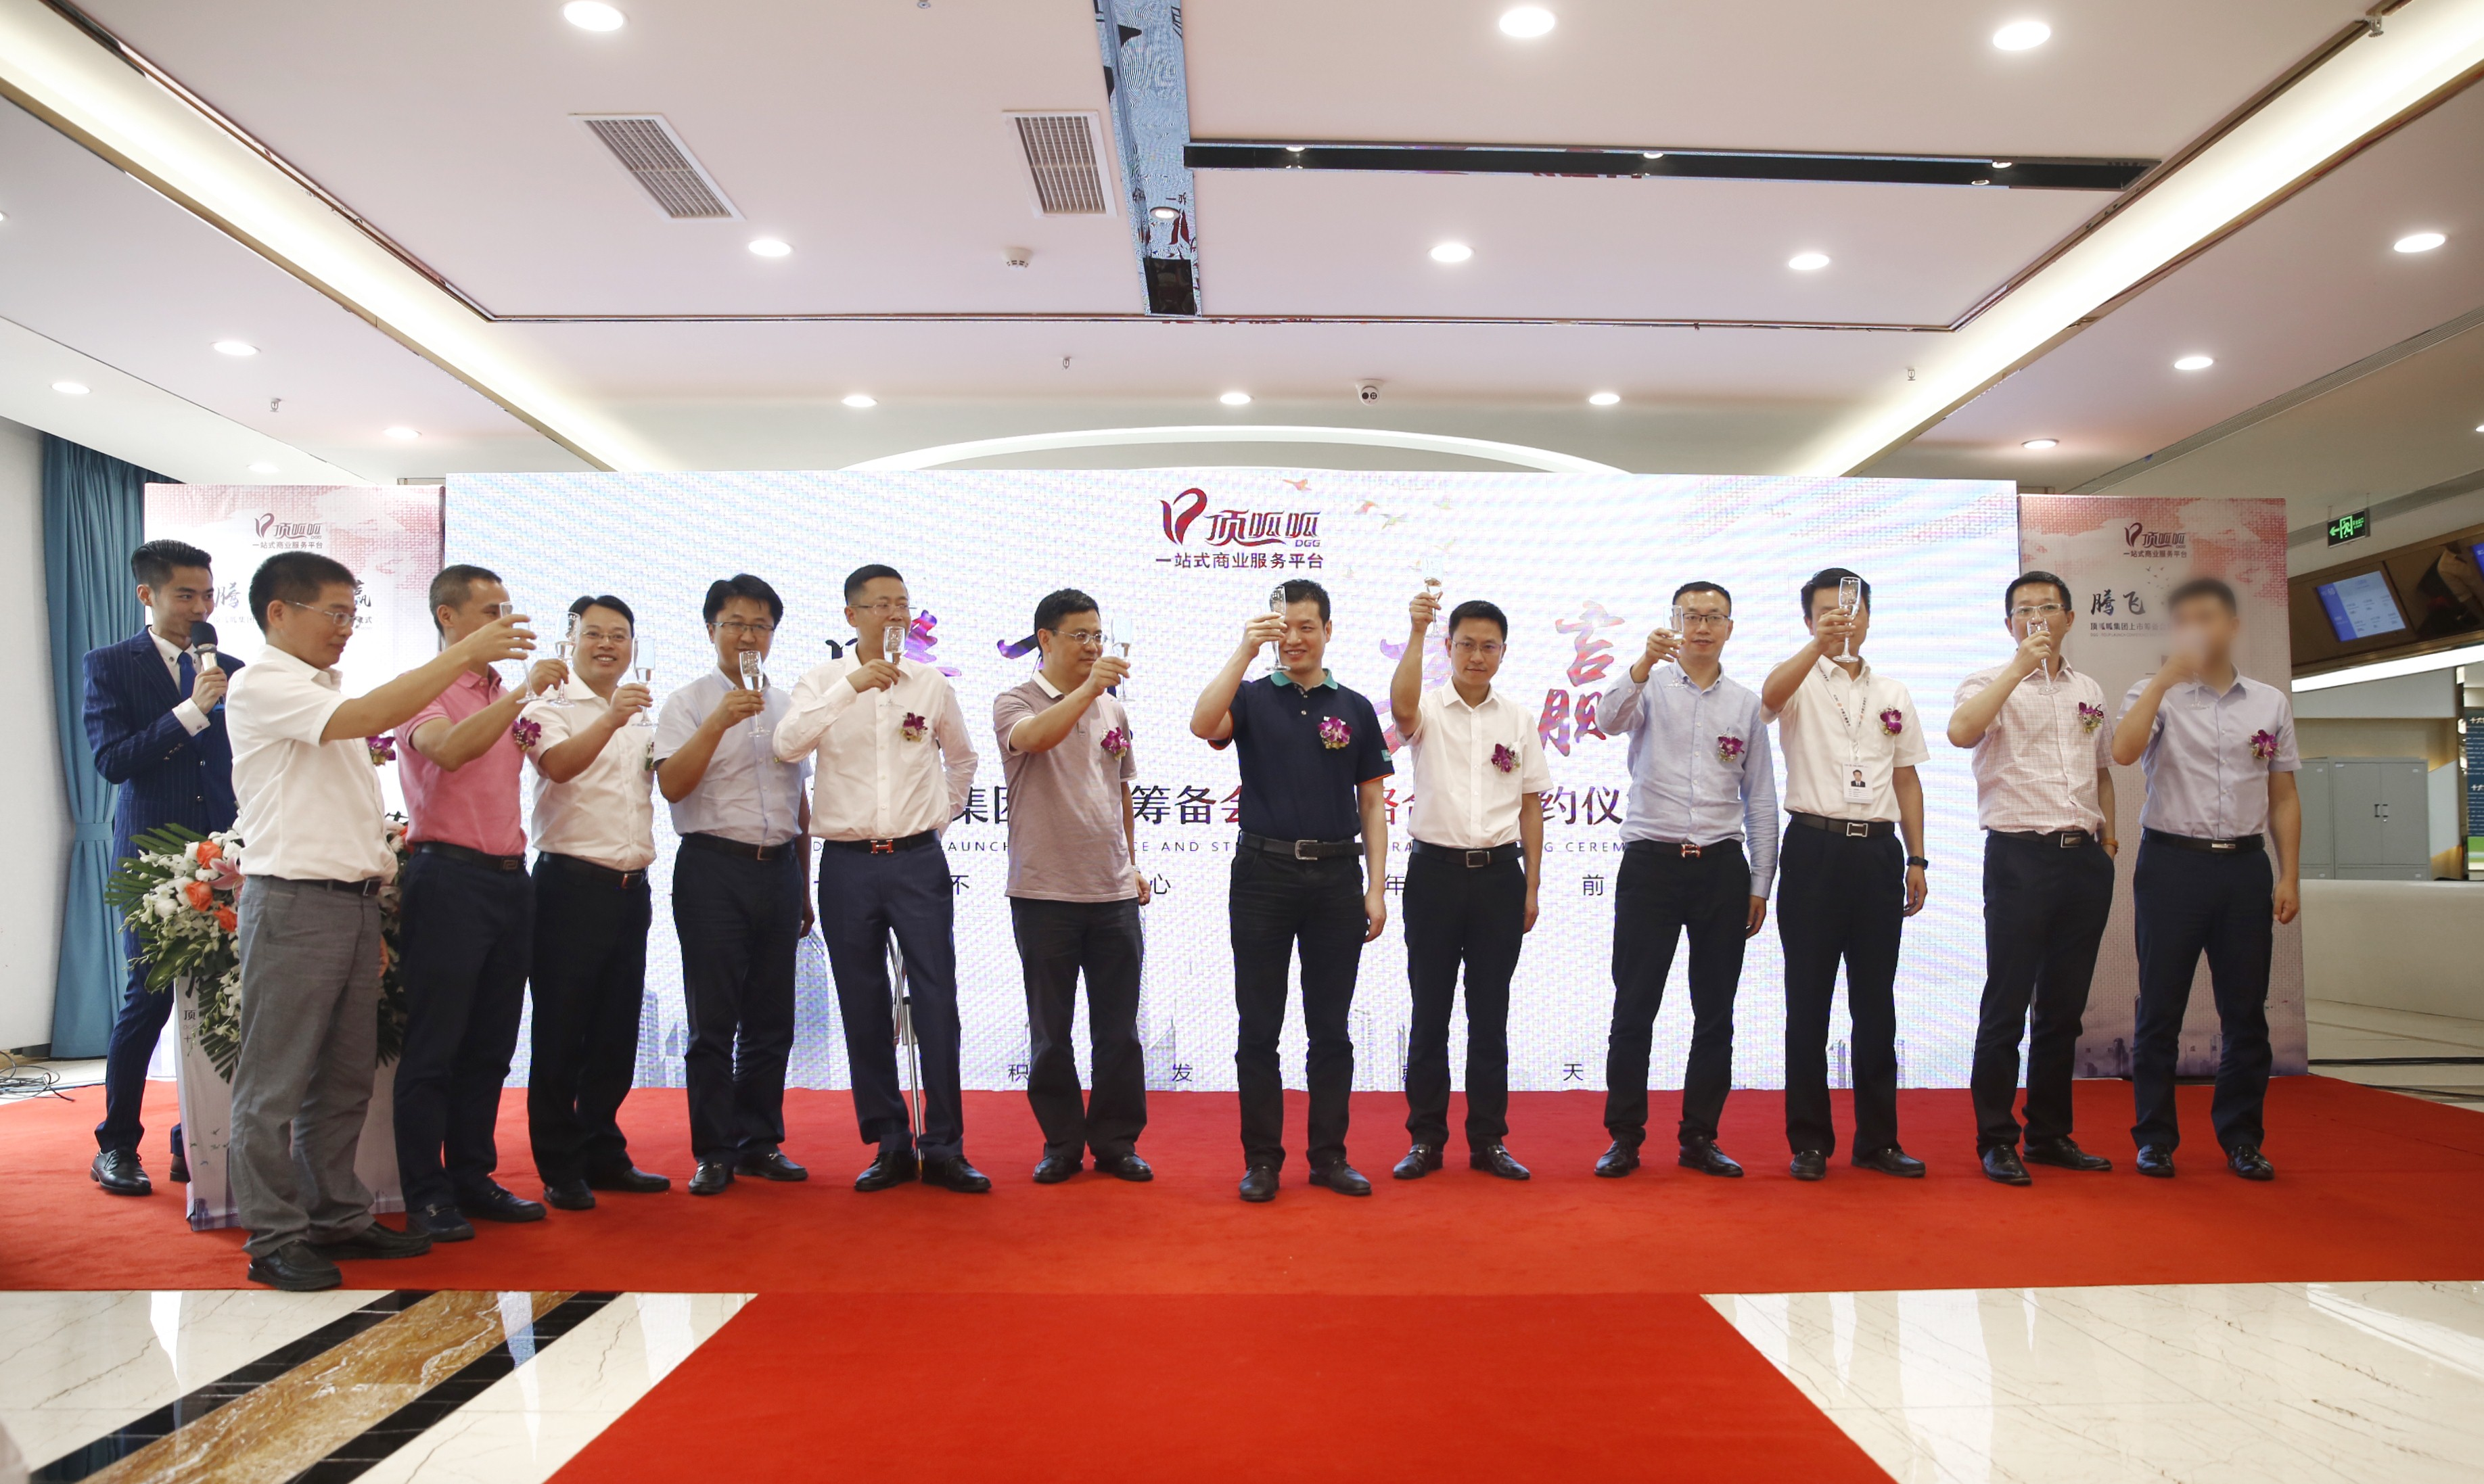 頂呱呱集團上市籌備簽約 開啟商業服務新征程